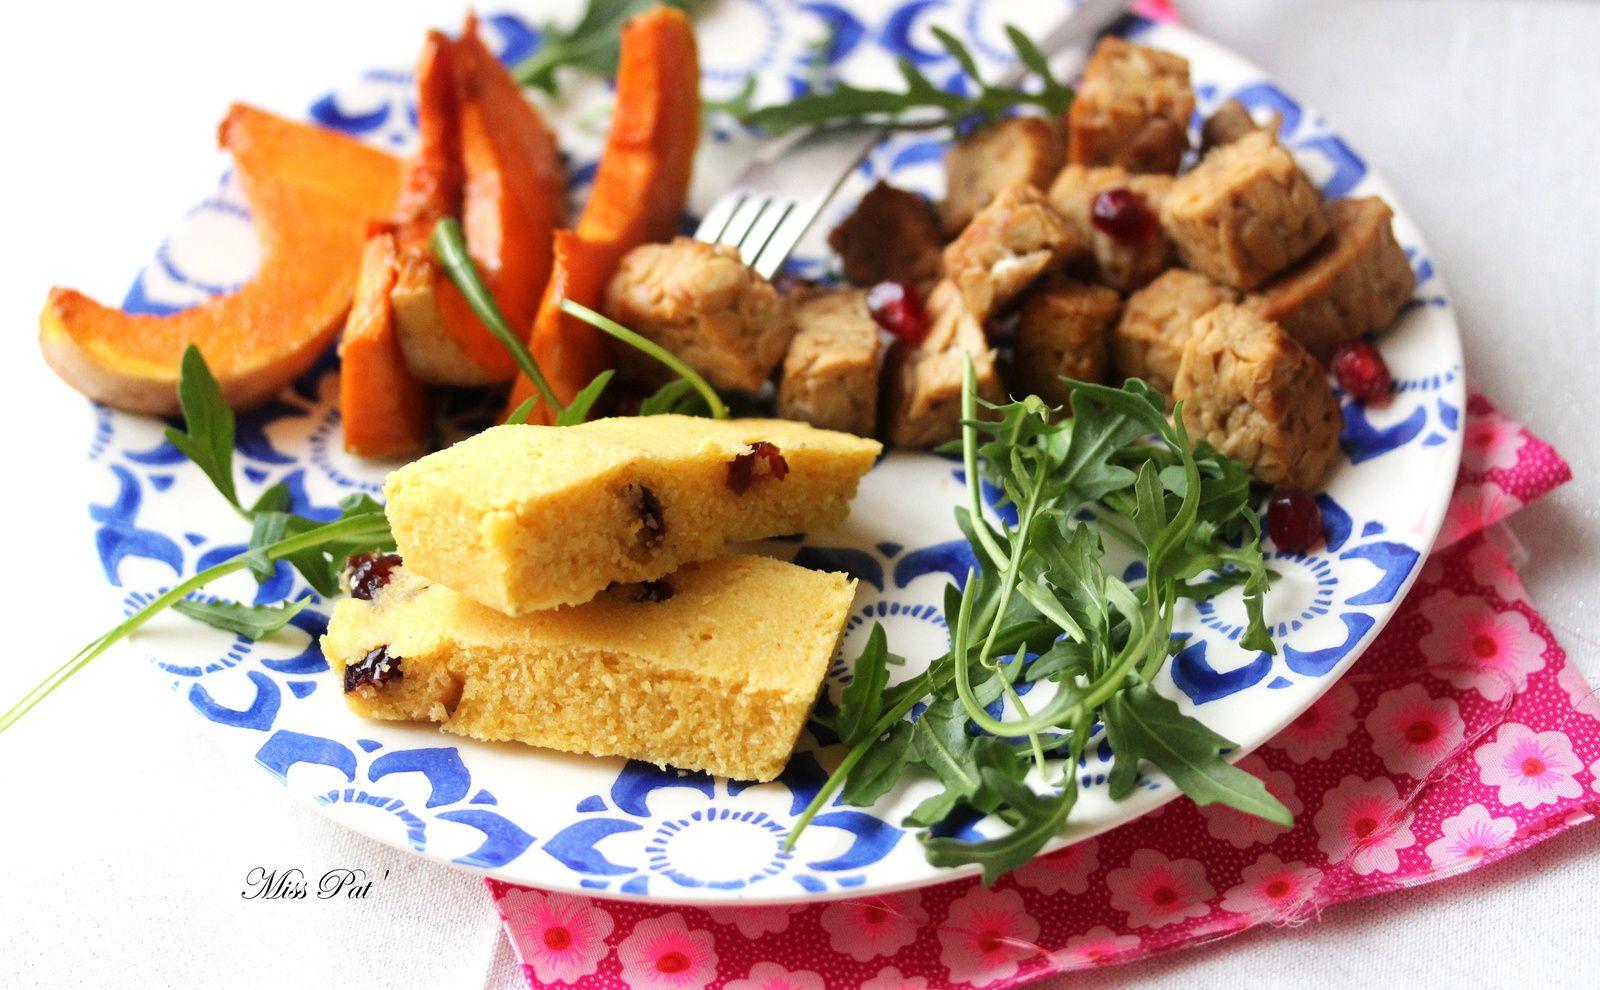 25 assiettes vegan. Marie LAFORÊT.